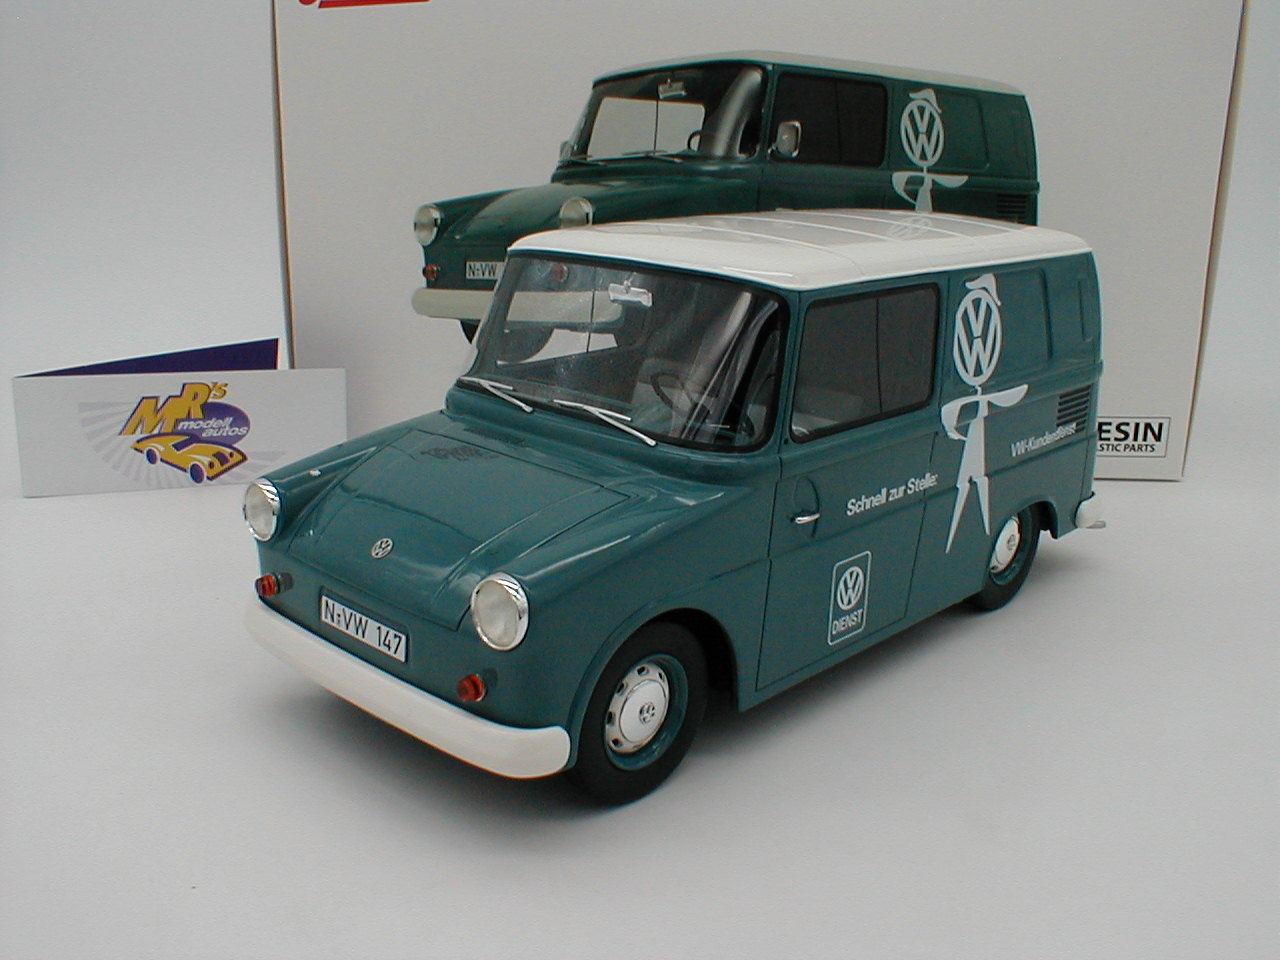 Schuco 00124-VW FRIDOLIN tipo 147 anno di costruzione 1964  Servizio Clienti Vw  1:18 novità